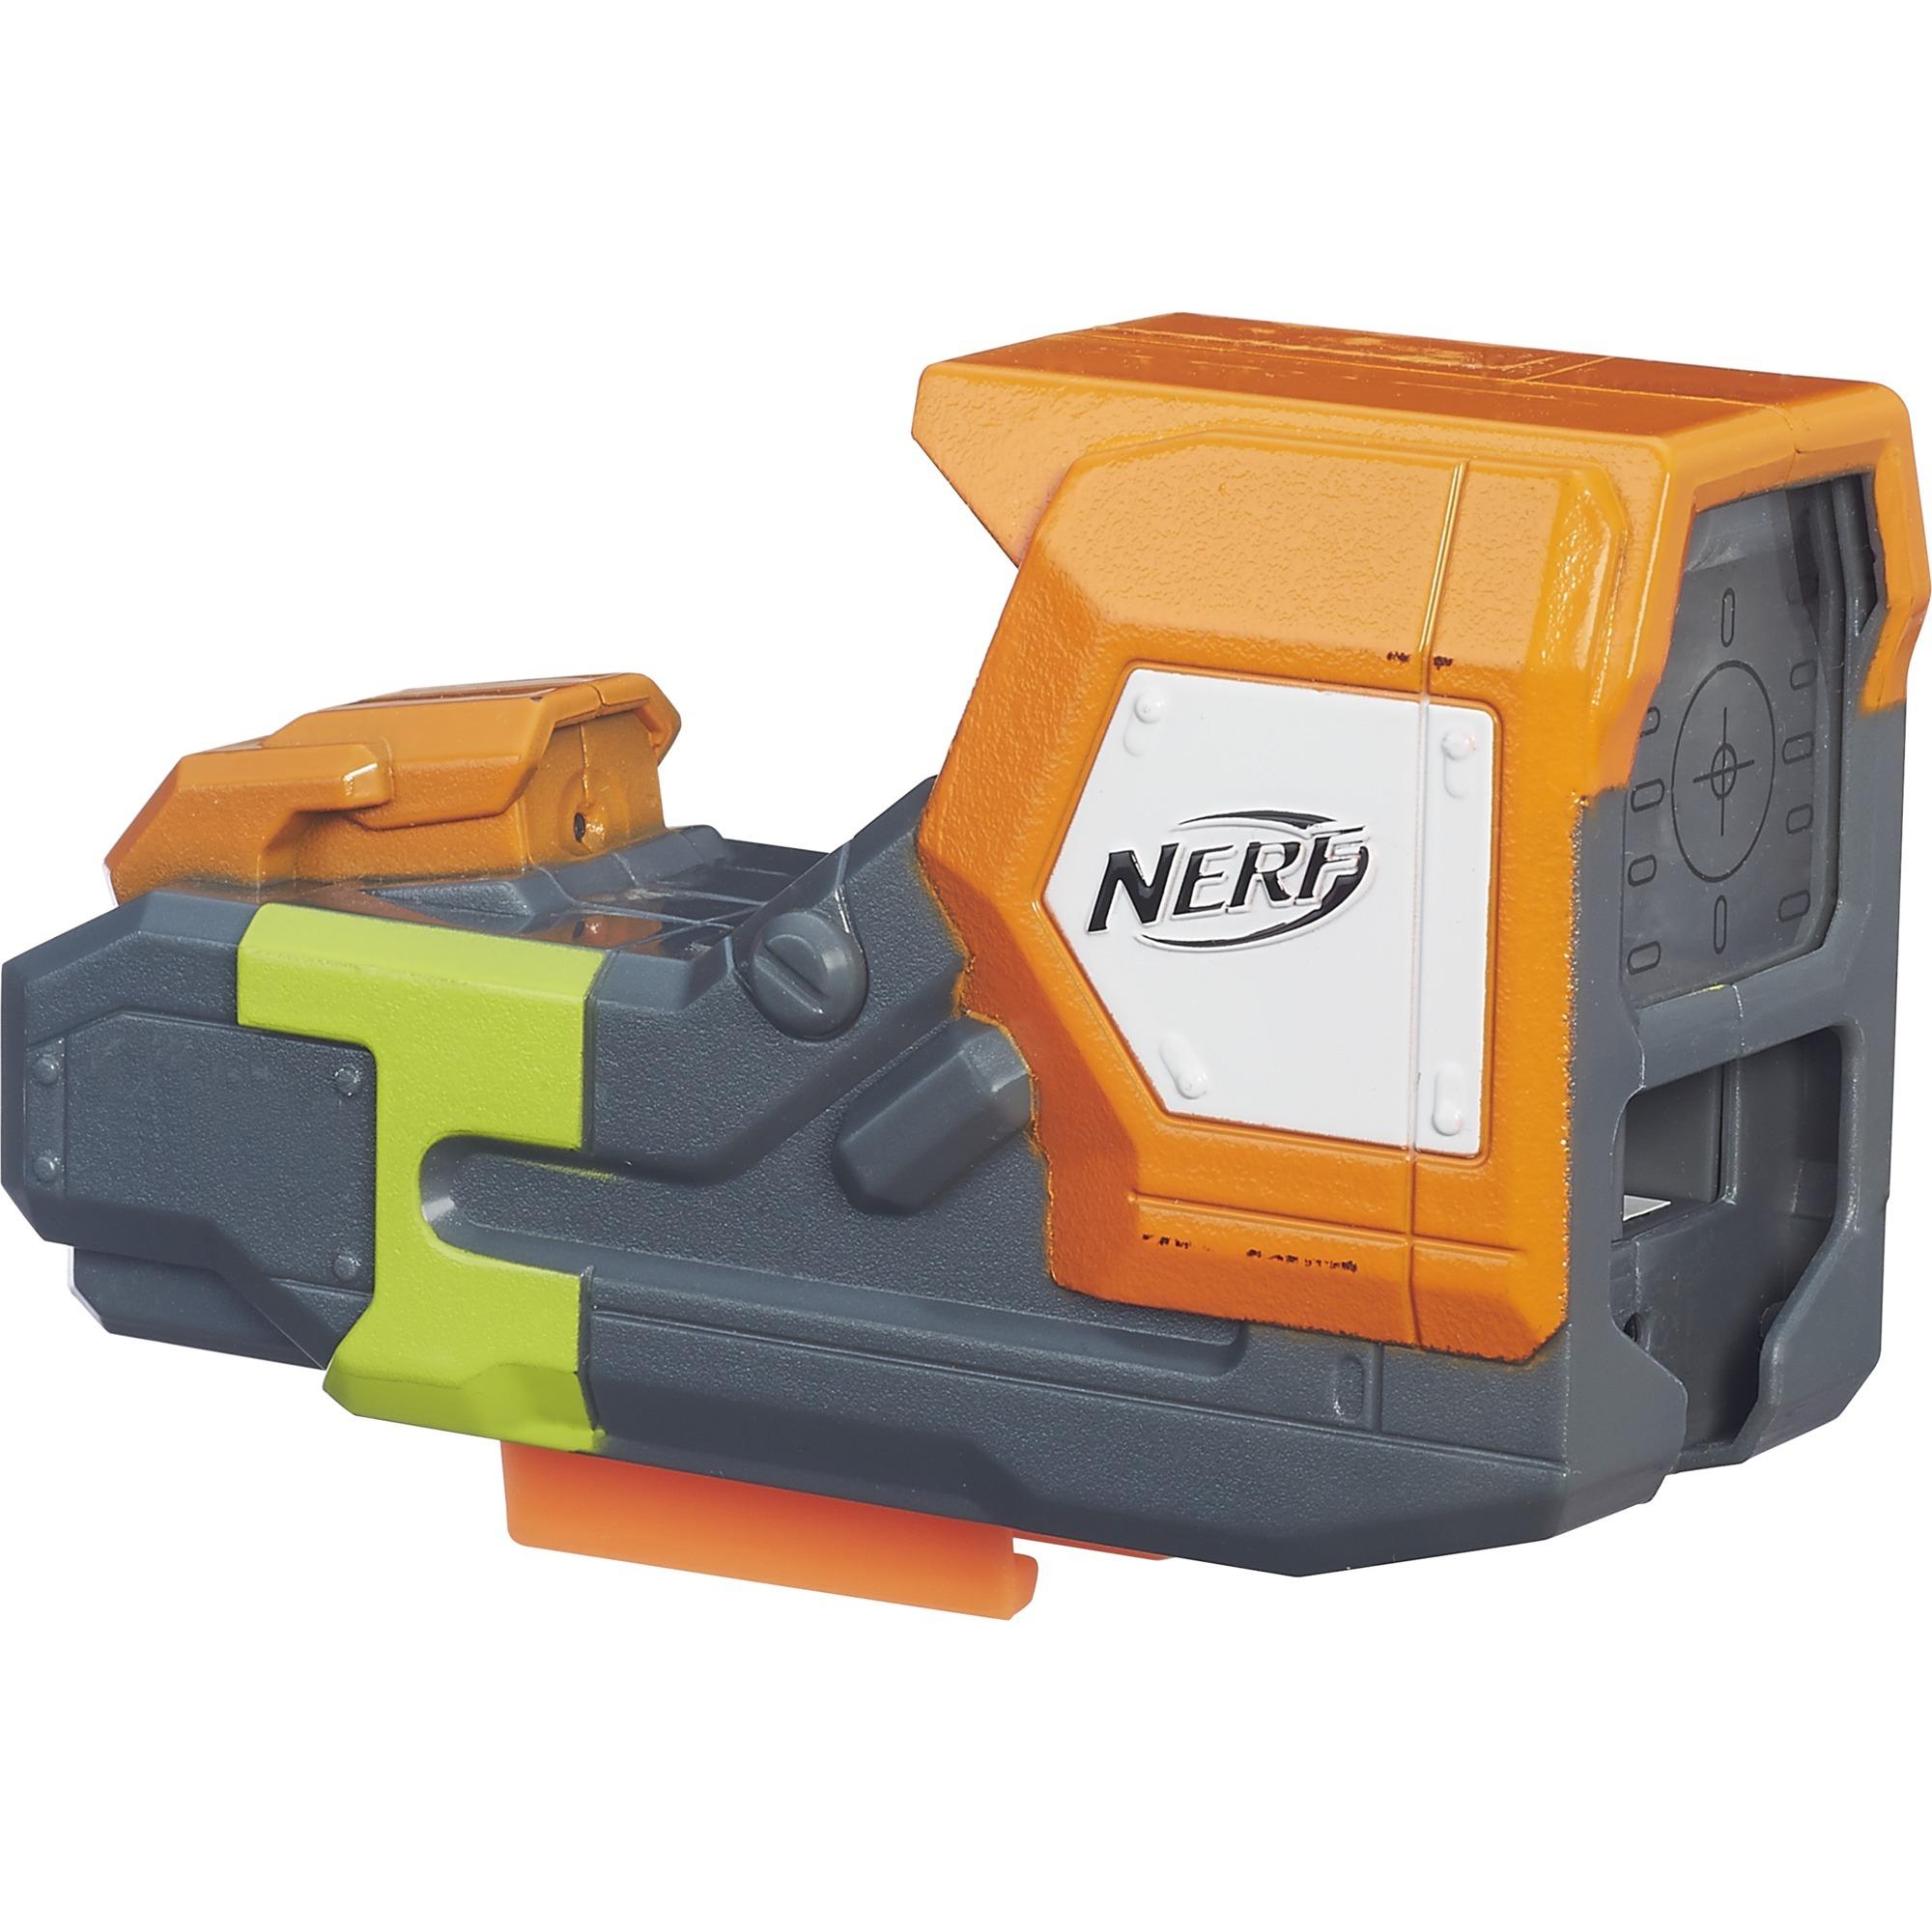 B3207F03, Pistola Nerf